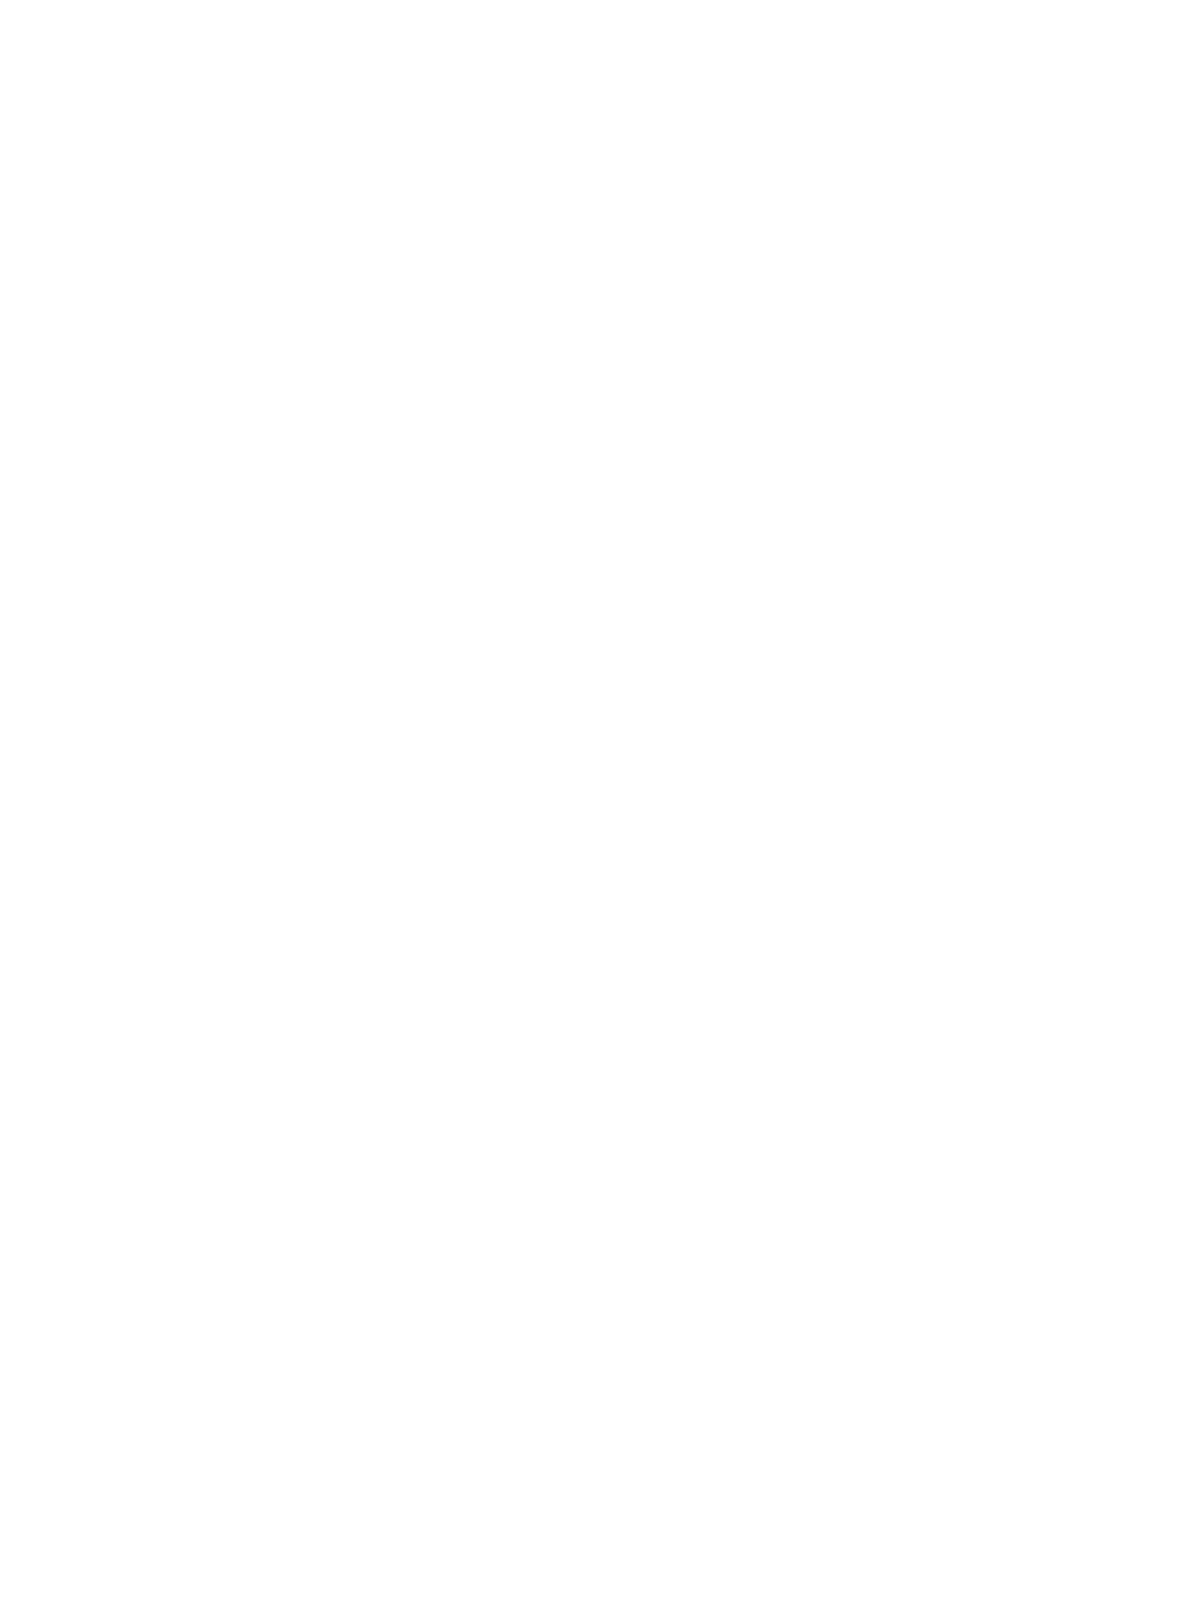 Impianto di Cogenerazione Le Group Cagli (PU)